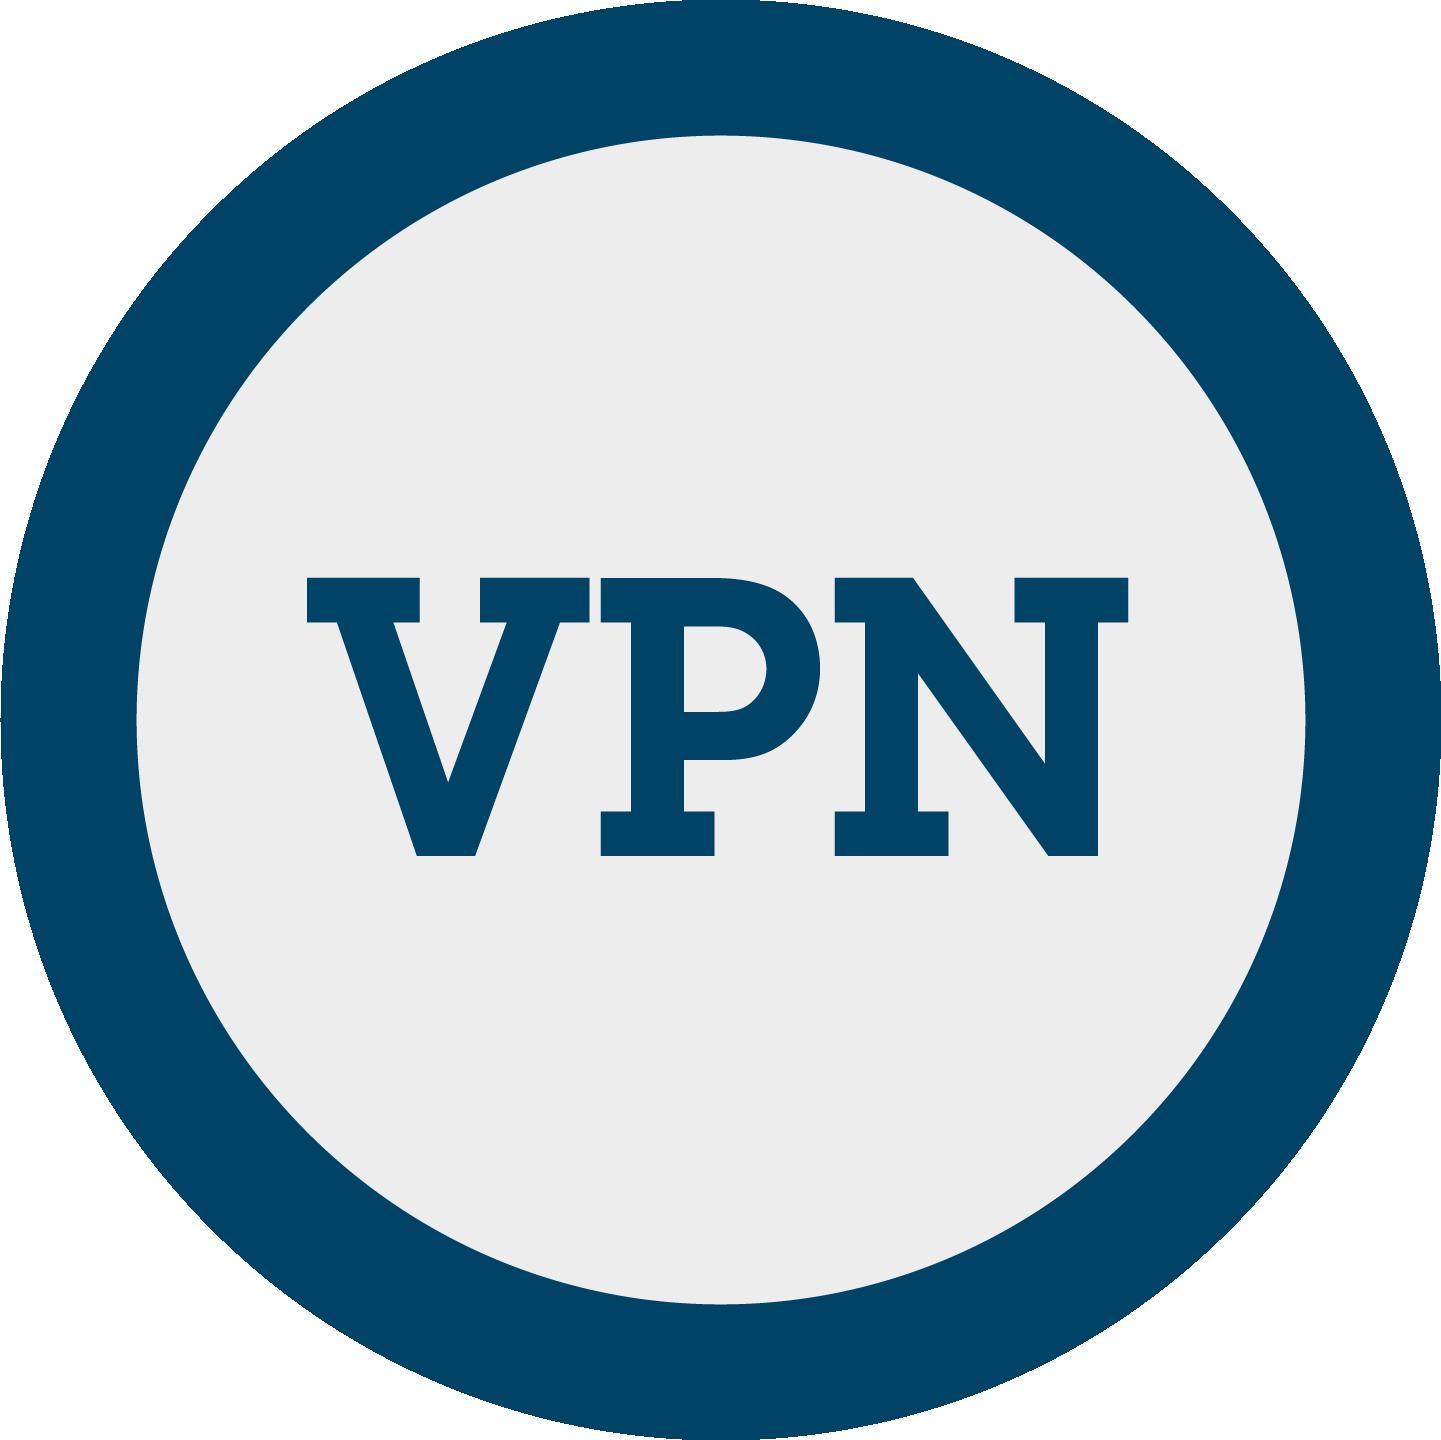 VPN Là Gì? Tìm Hiểu Về VPN Là Gì?